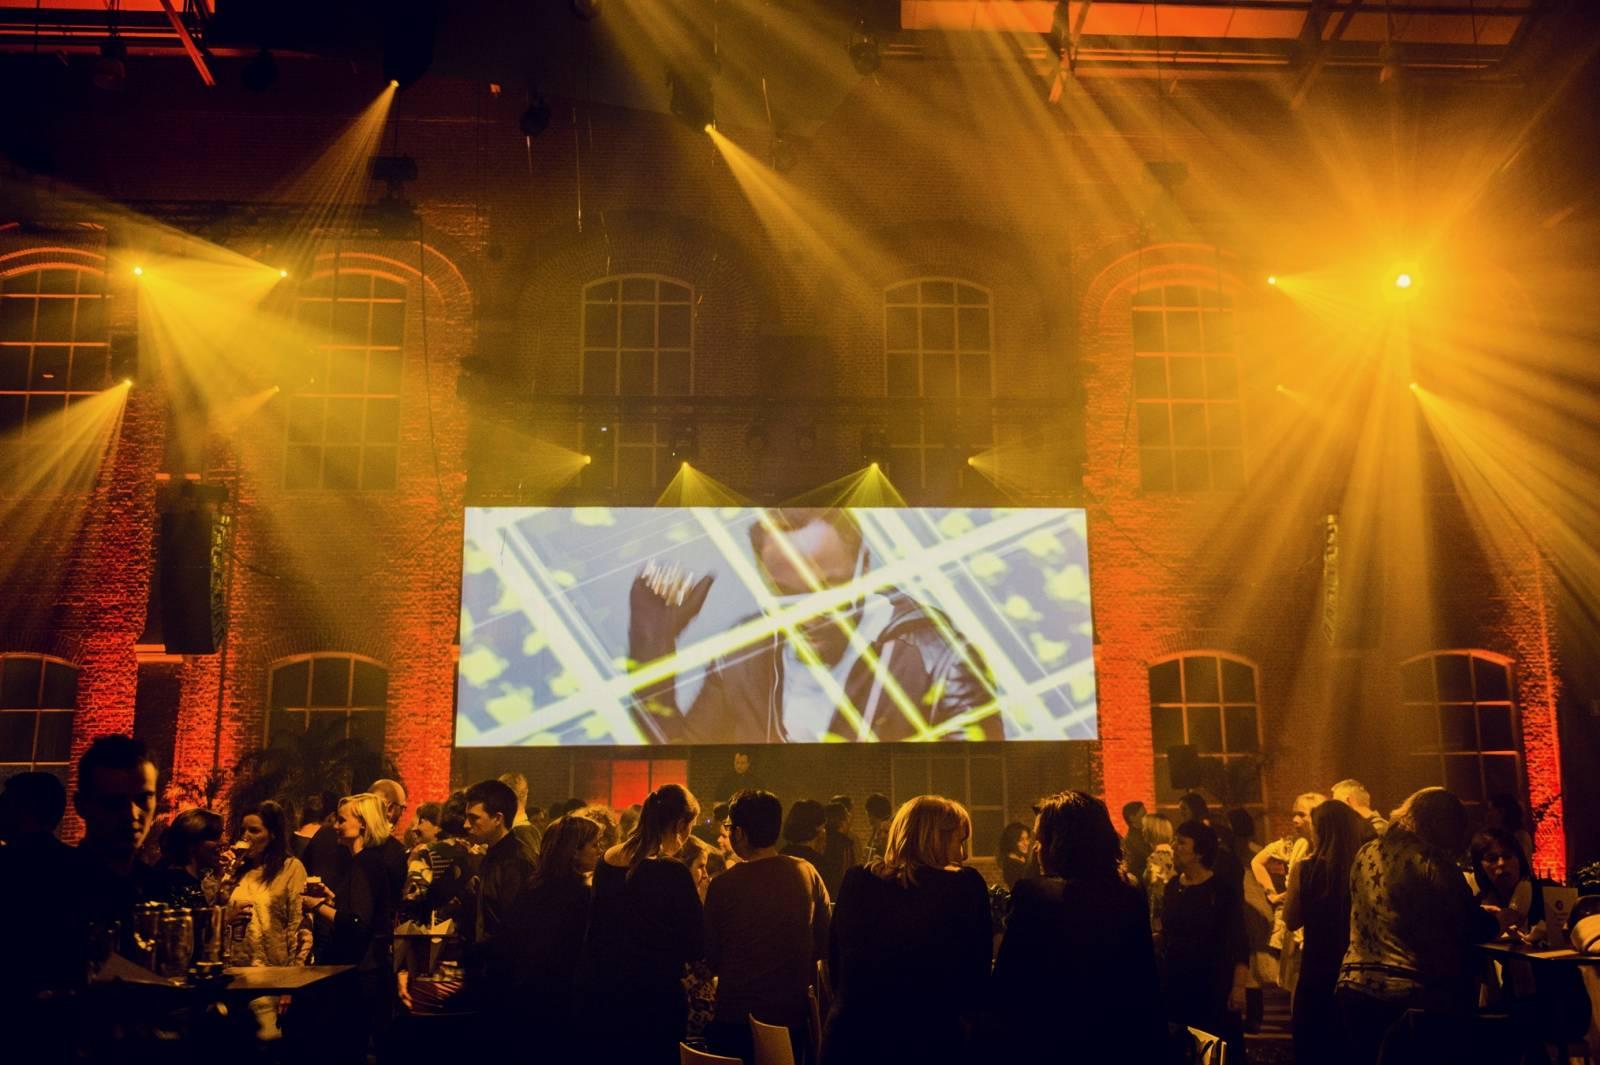 Hangar 43 - Feestzaal - Feestlocatie - Industrieel - Dendermonde (Antwerpen) - House of Events - 8